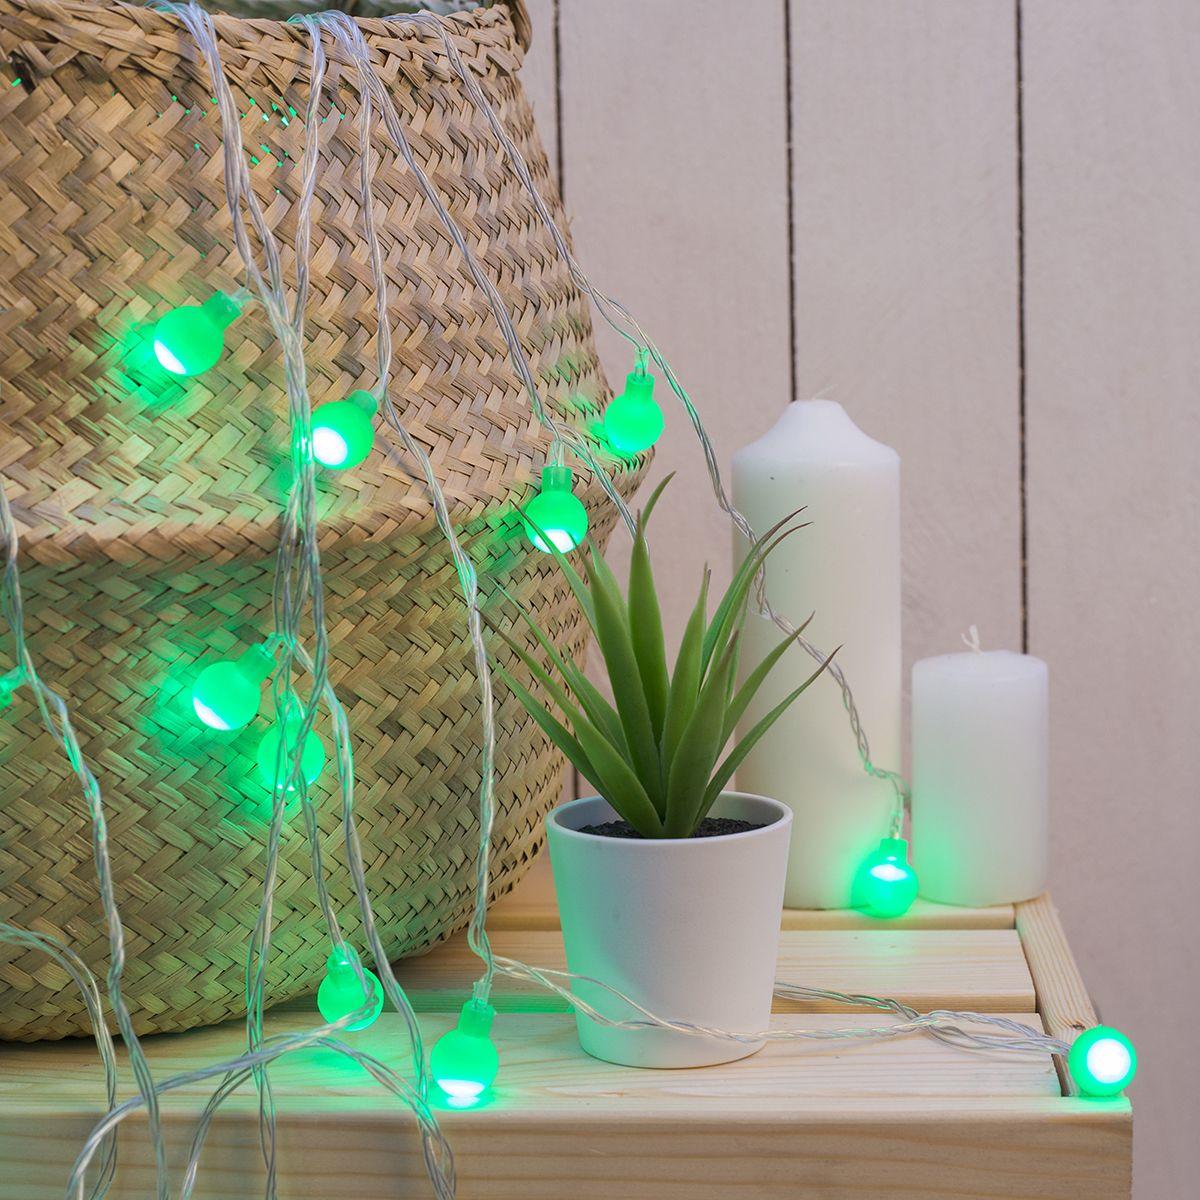 Гирлянда электрическая Luazon Lighting Нить. Шарики Зеленые, нить прозрачная, цвет: зеленый, 30 LED, 220 V, 8 режимов, длина 5 м гирлянда уличная luazon lighting сеть умс нить прозрачная цвет разноцветный 192 led 2 х 1 5 м